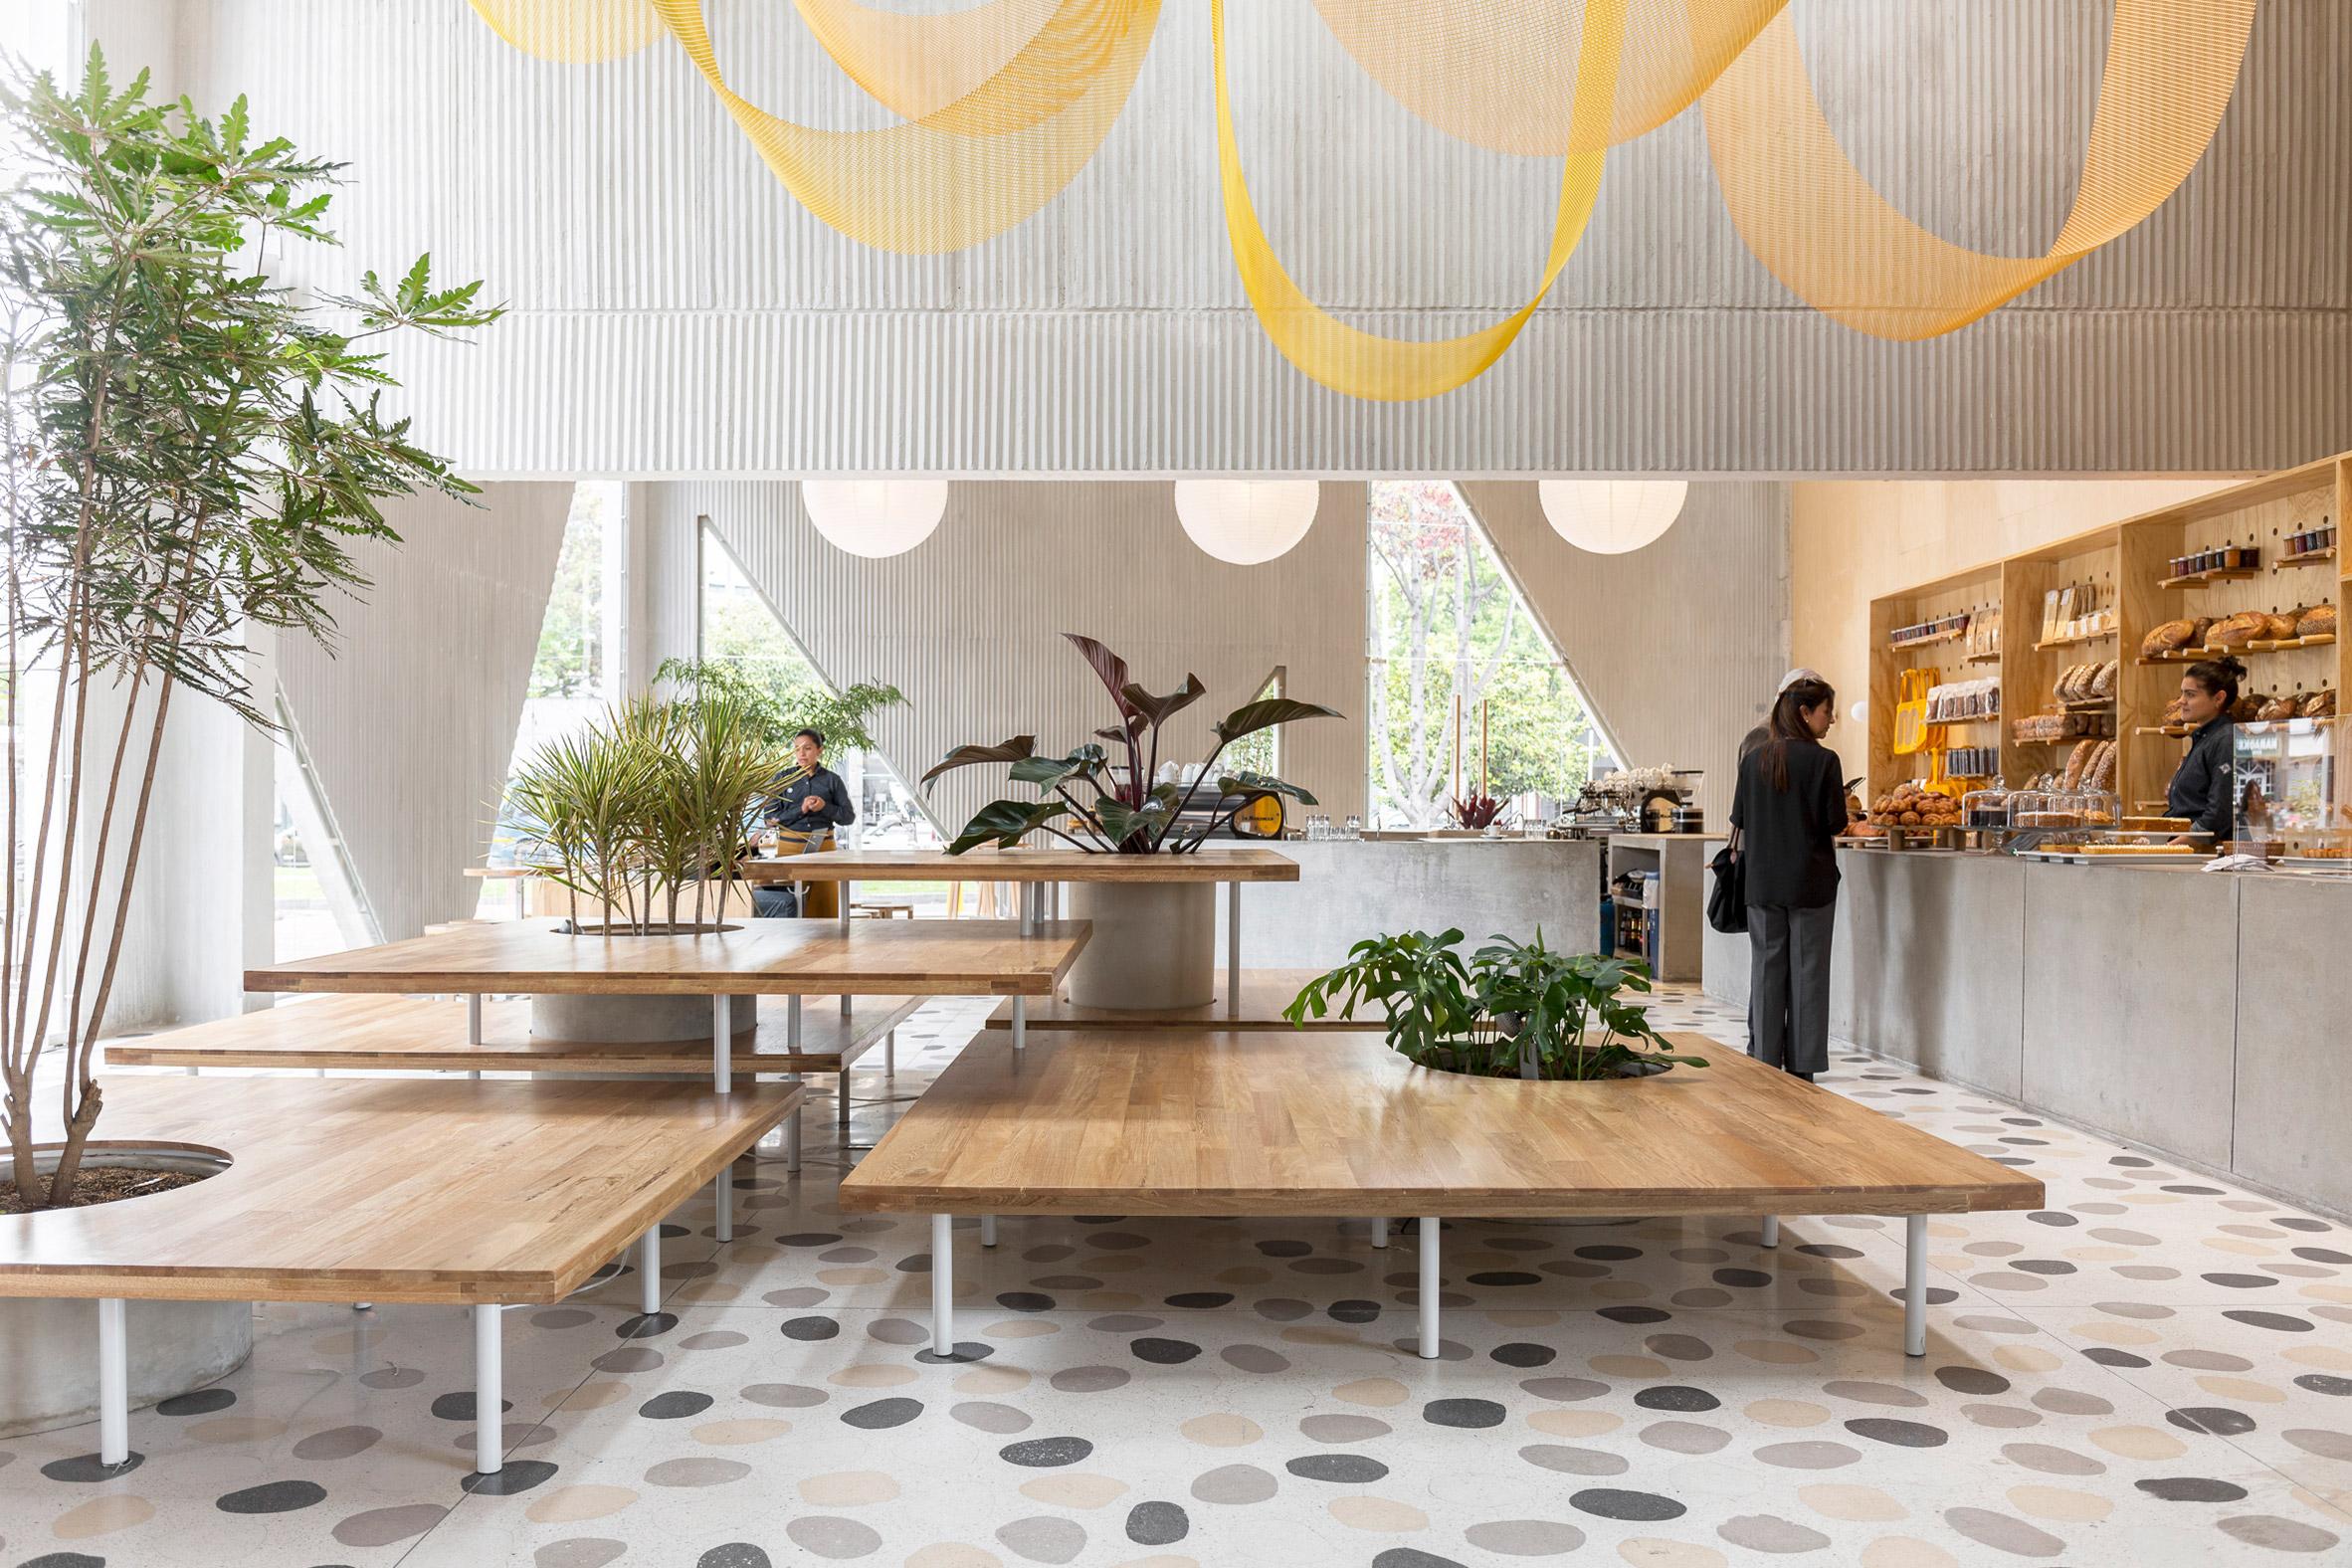 طراحی داخلی کافه قنادی با کانسپتی متفاوت - masa bakery 7 1